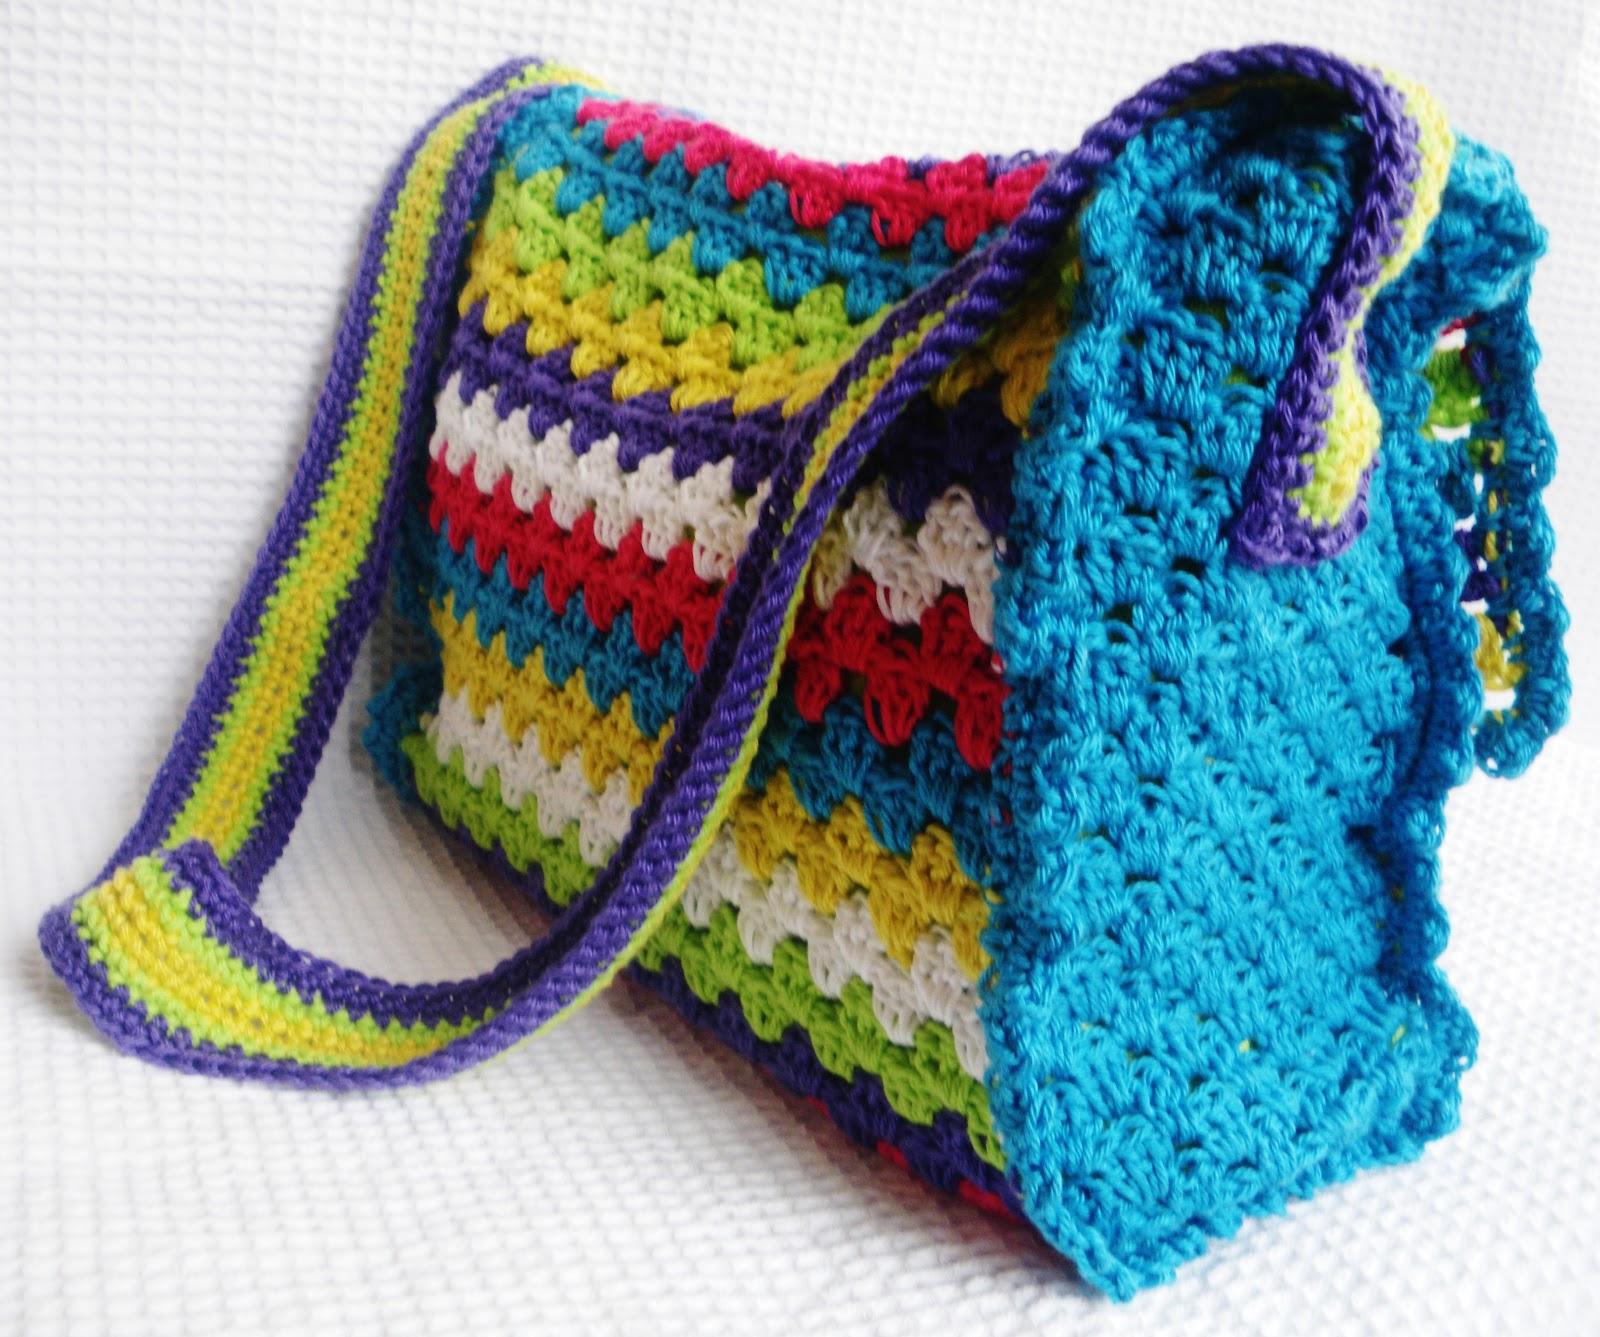 http://demerle.blogspot.nl/2012/02/gehaakt-tasje.html